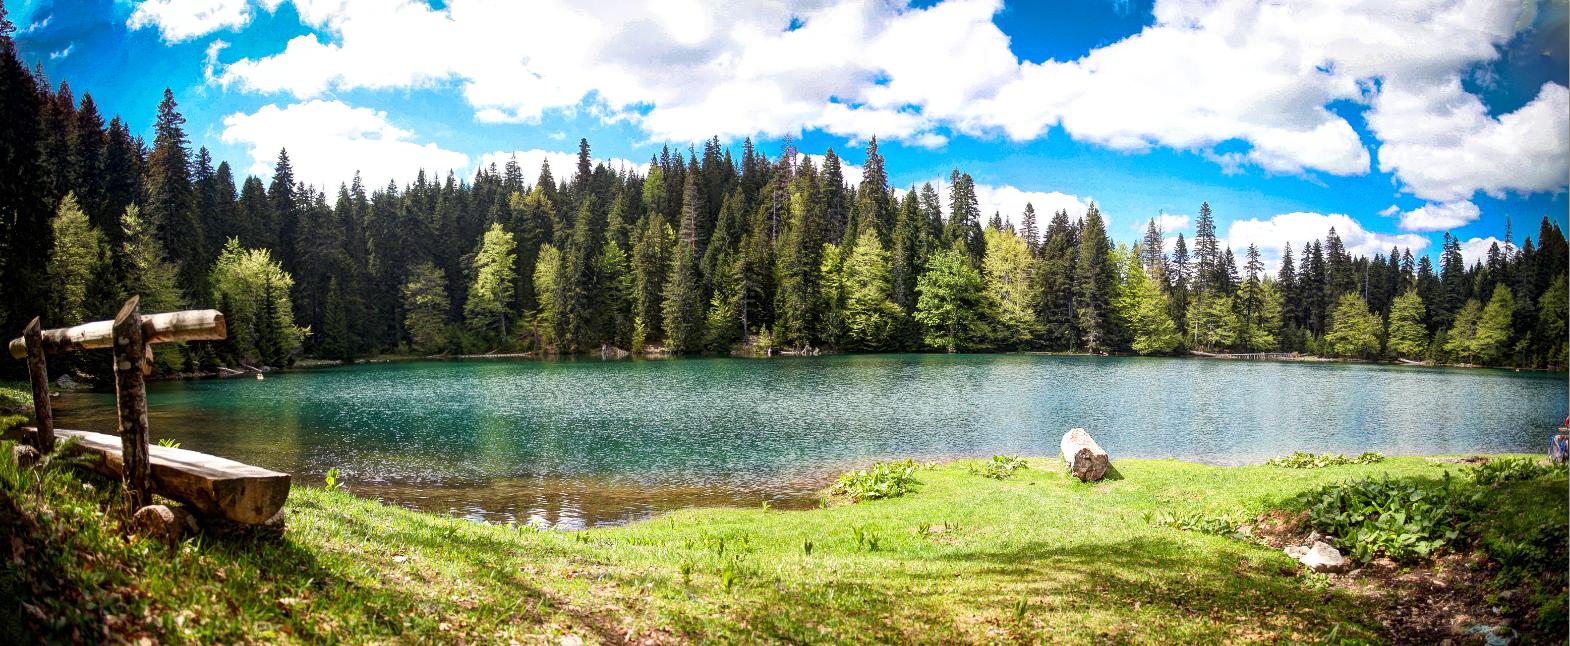 zabojsko_jezero_sinjajevina